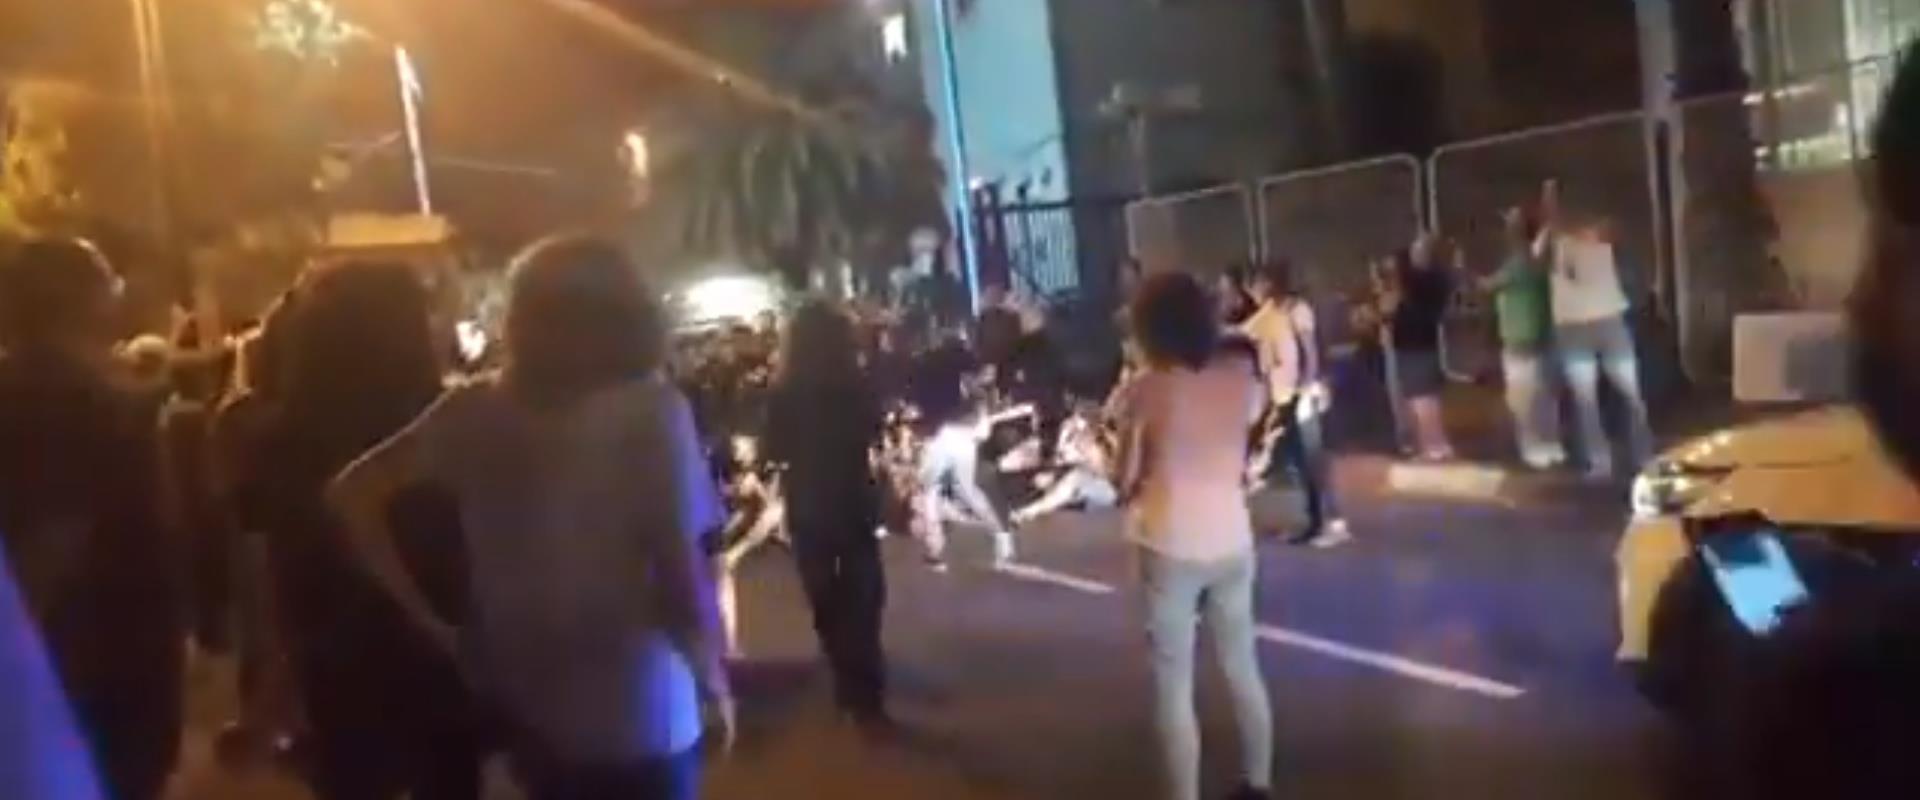 מחאת המפגינים מול תחנת משטרת פתח תקווה, הלילה